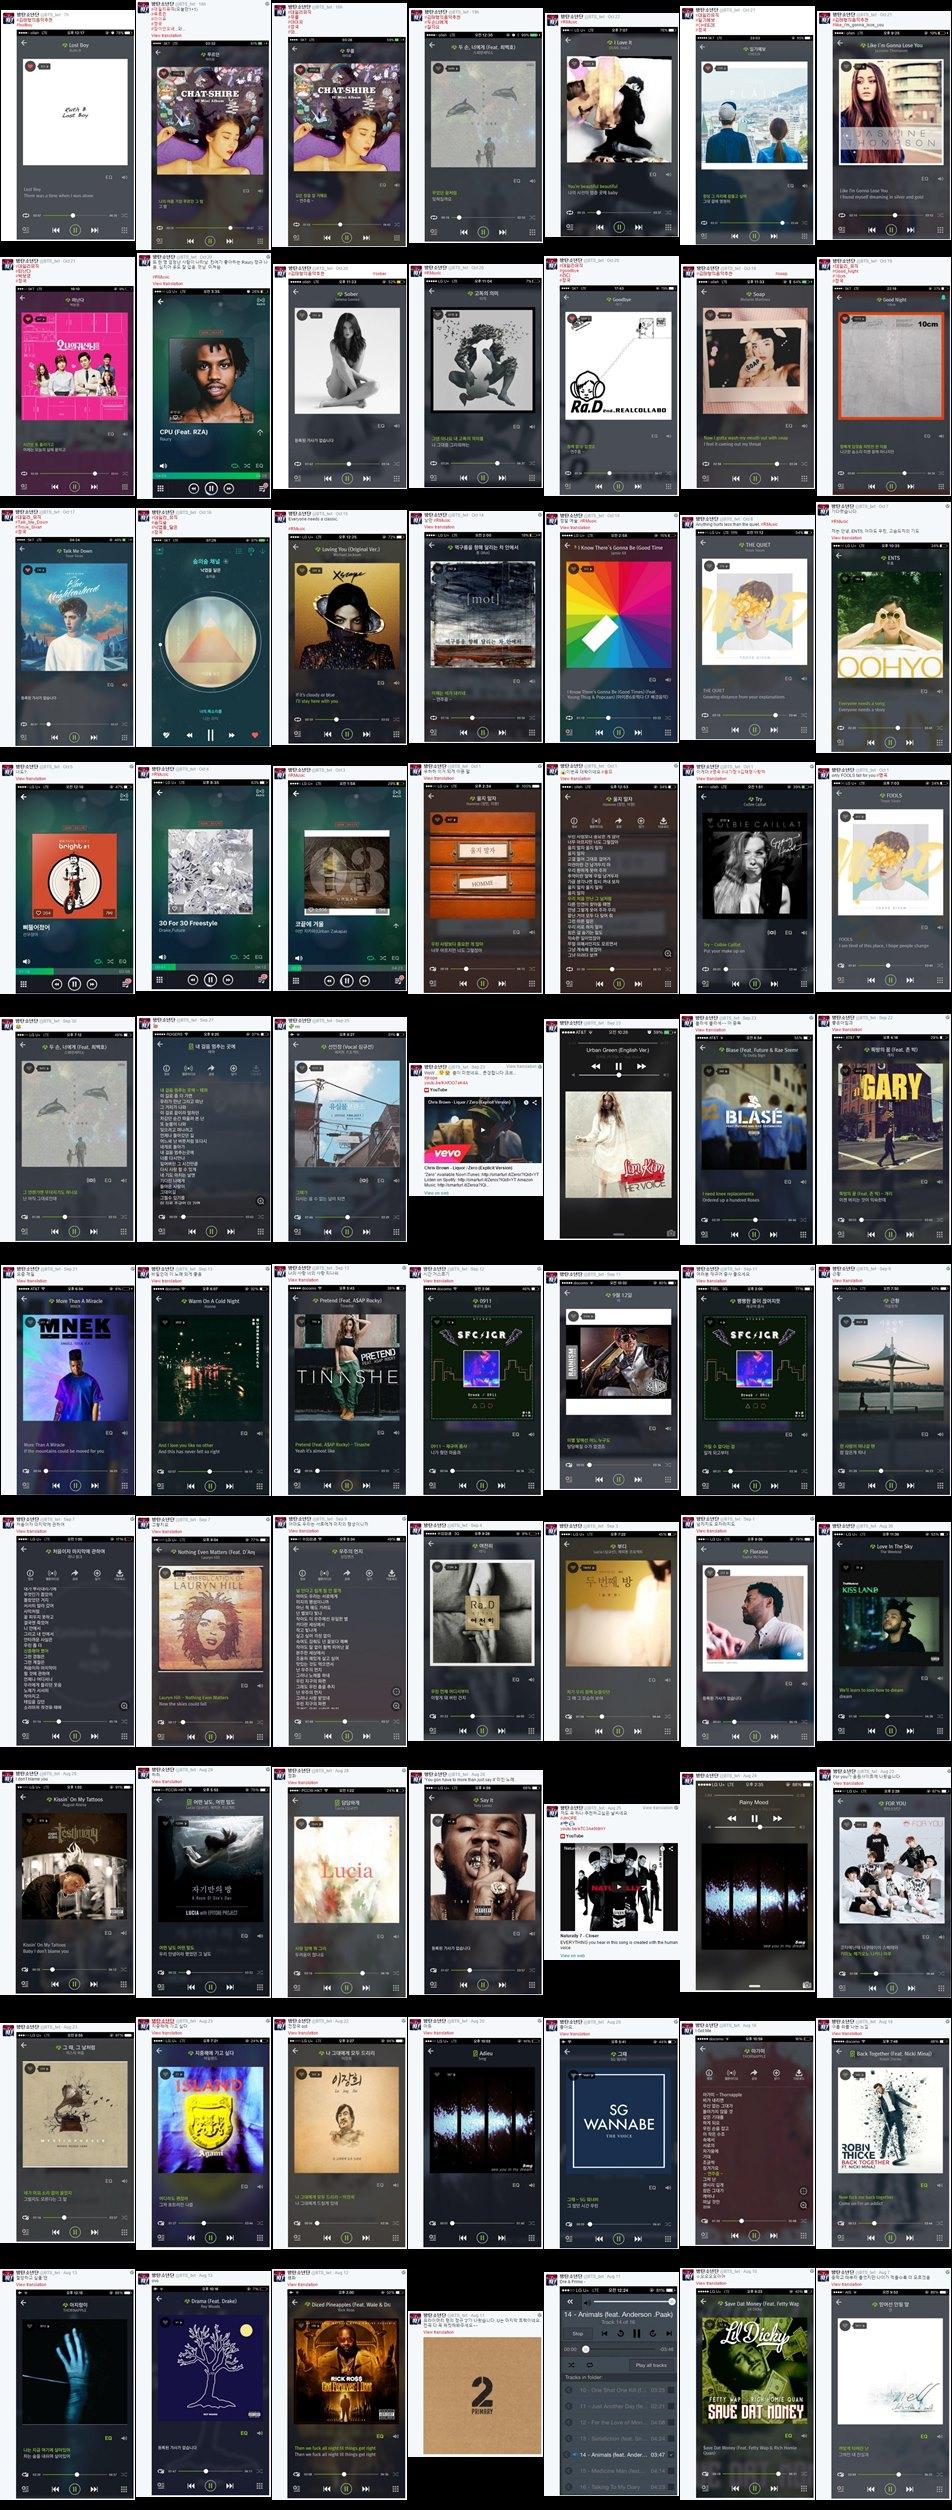 只截到70首他們推薦的歌曲小編就已崩潰,小編開放機會讓粉絲們挑戰看有誰能收集完畢XD